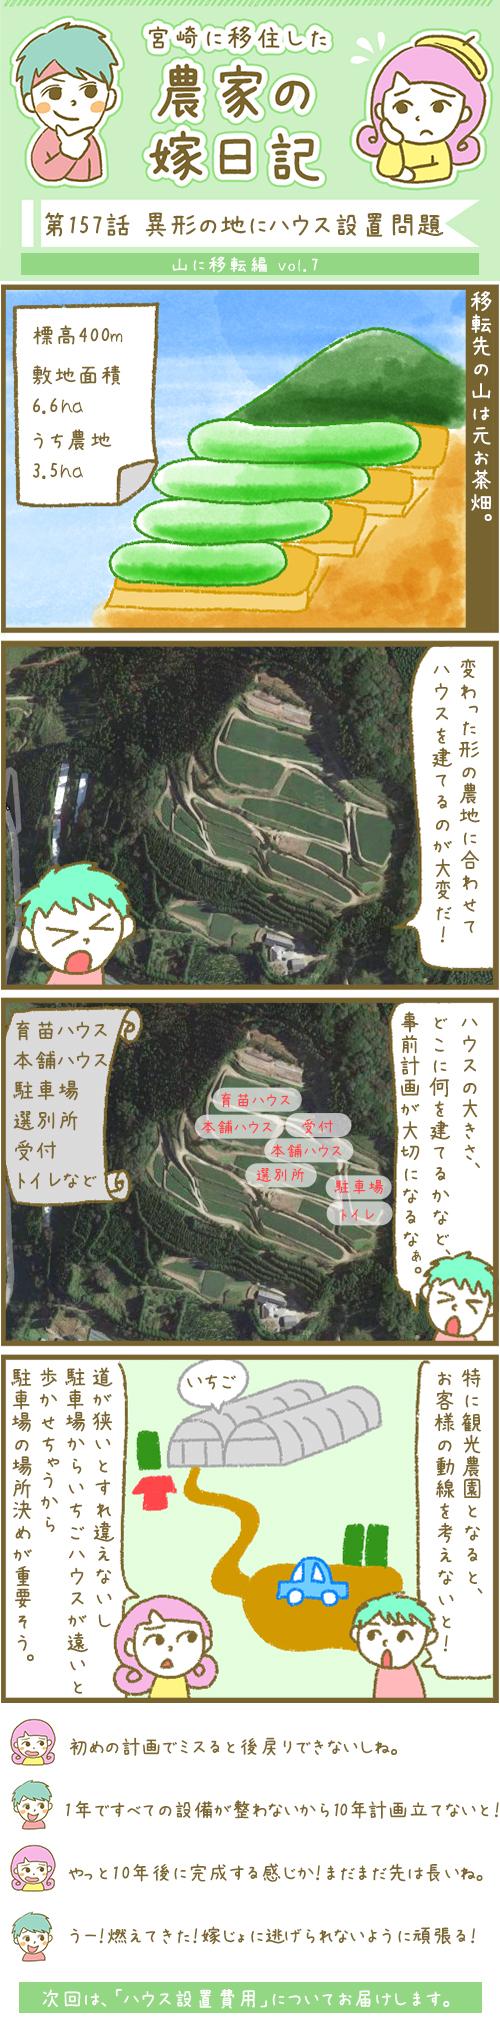 漫画第157話